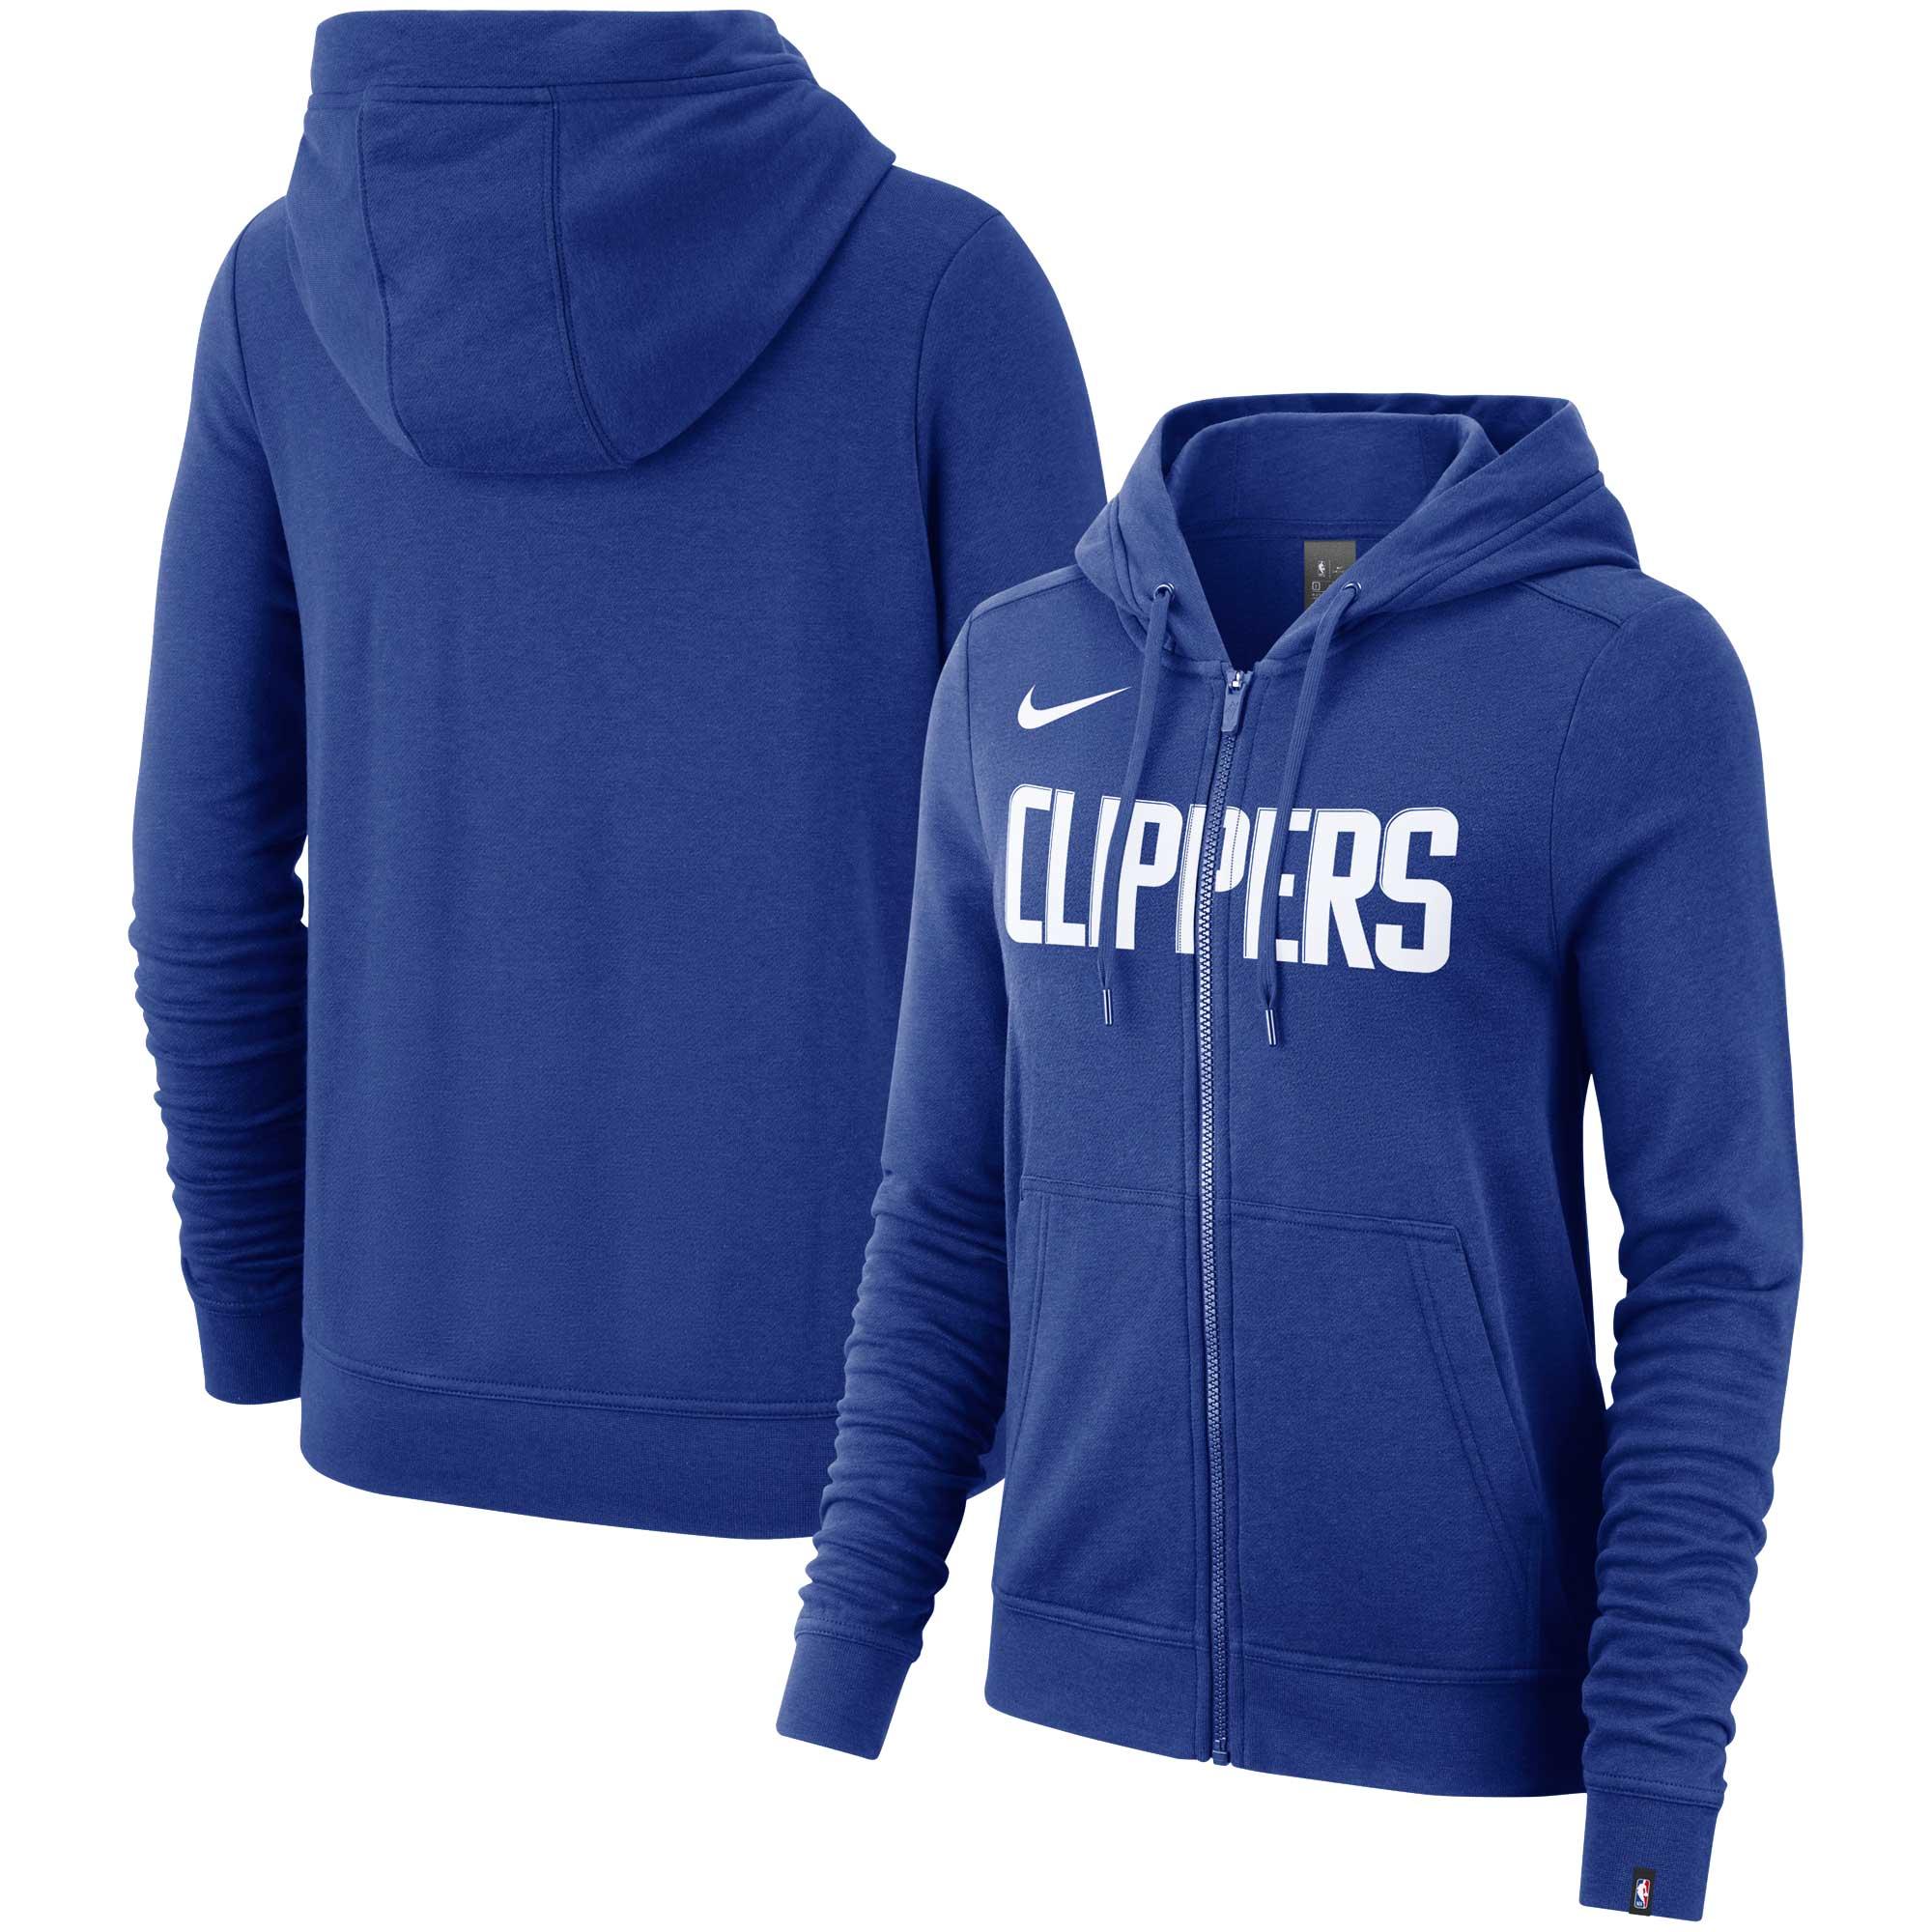 LA Clippers Nike Women's Essential Wordmark Full-Zip Hoodie - Royal